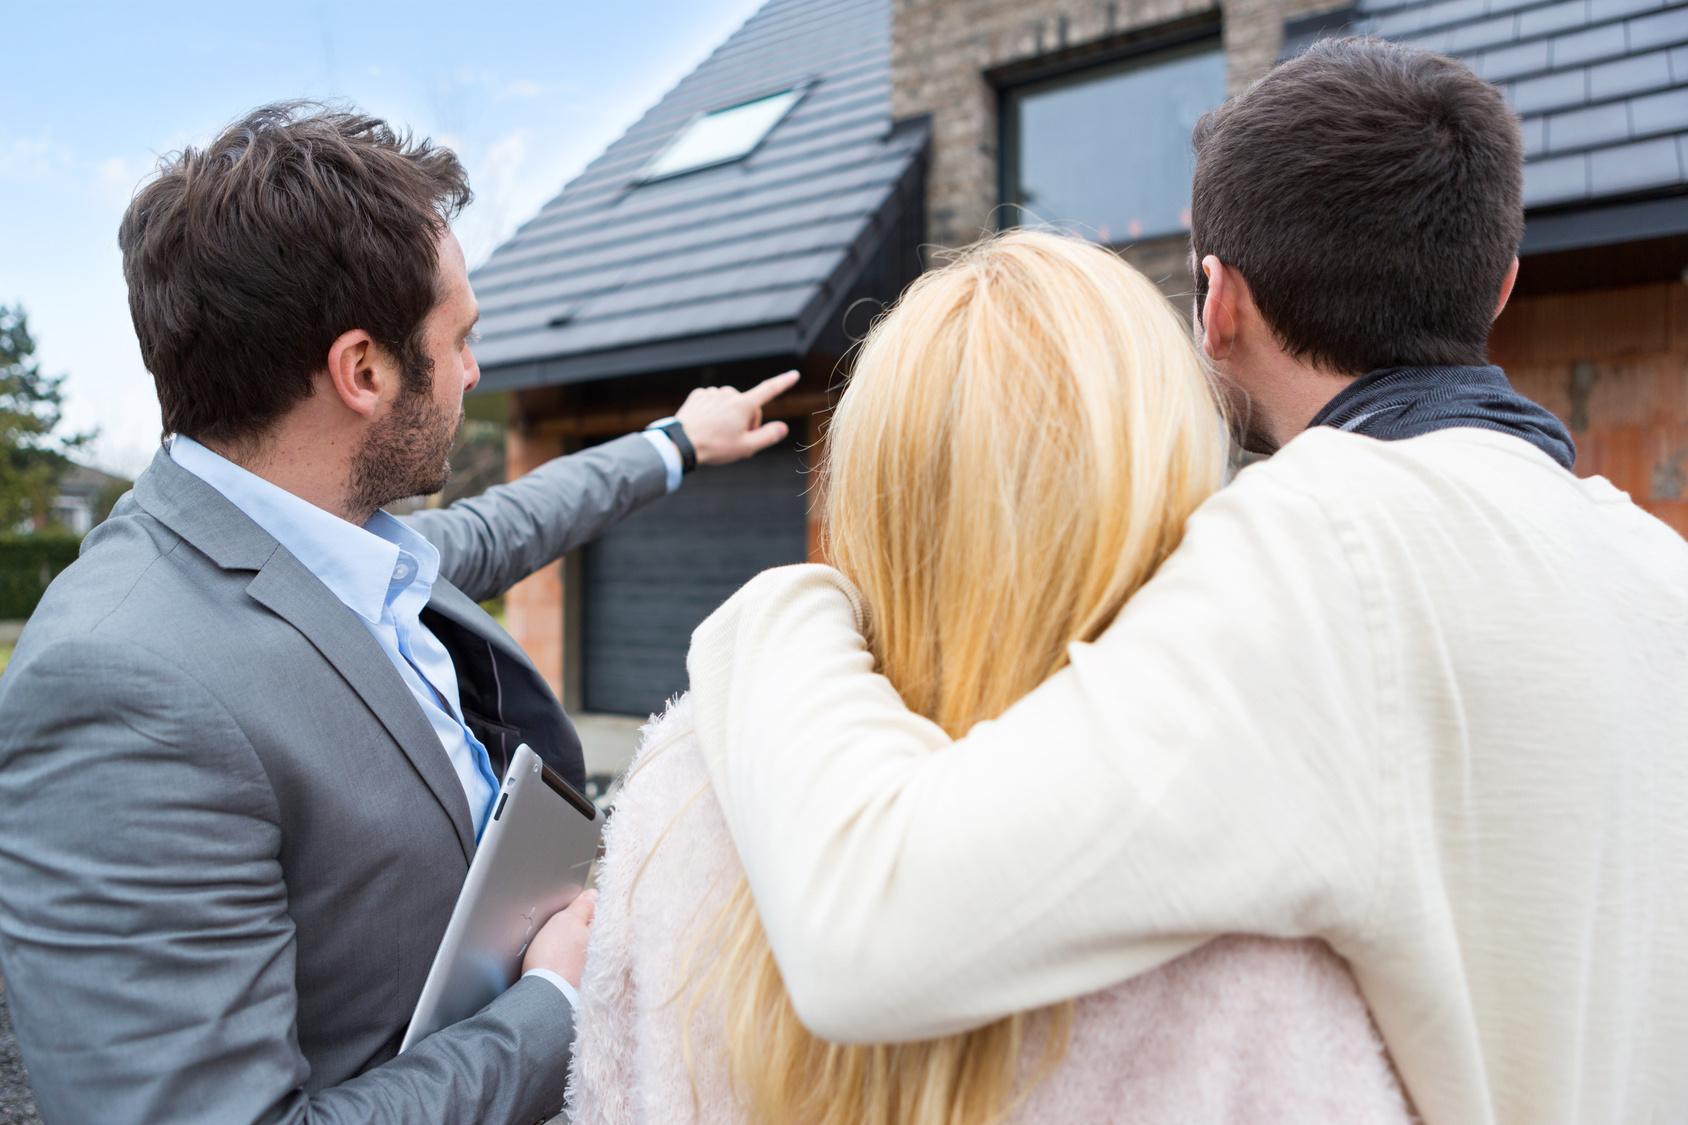 Propri taire bailleur comment faire visiter votre location - Obligation de faire visiter son appartement ...